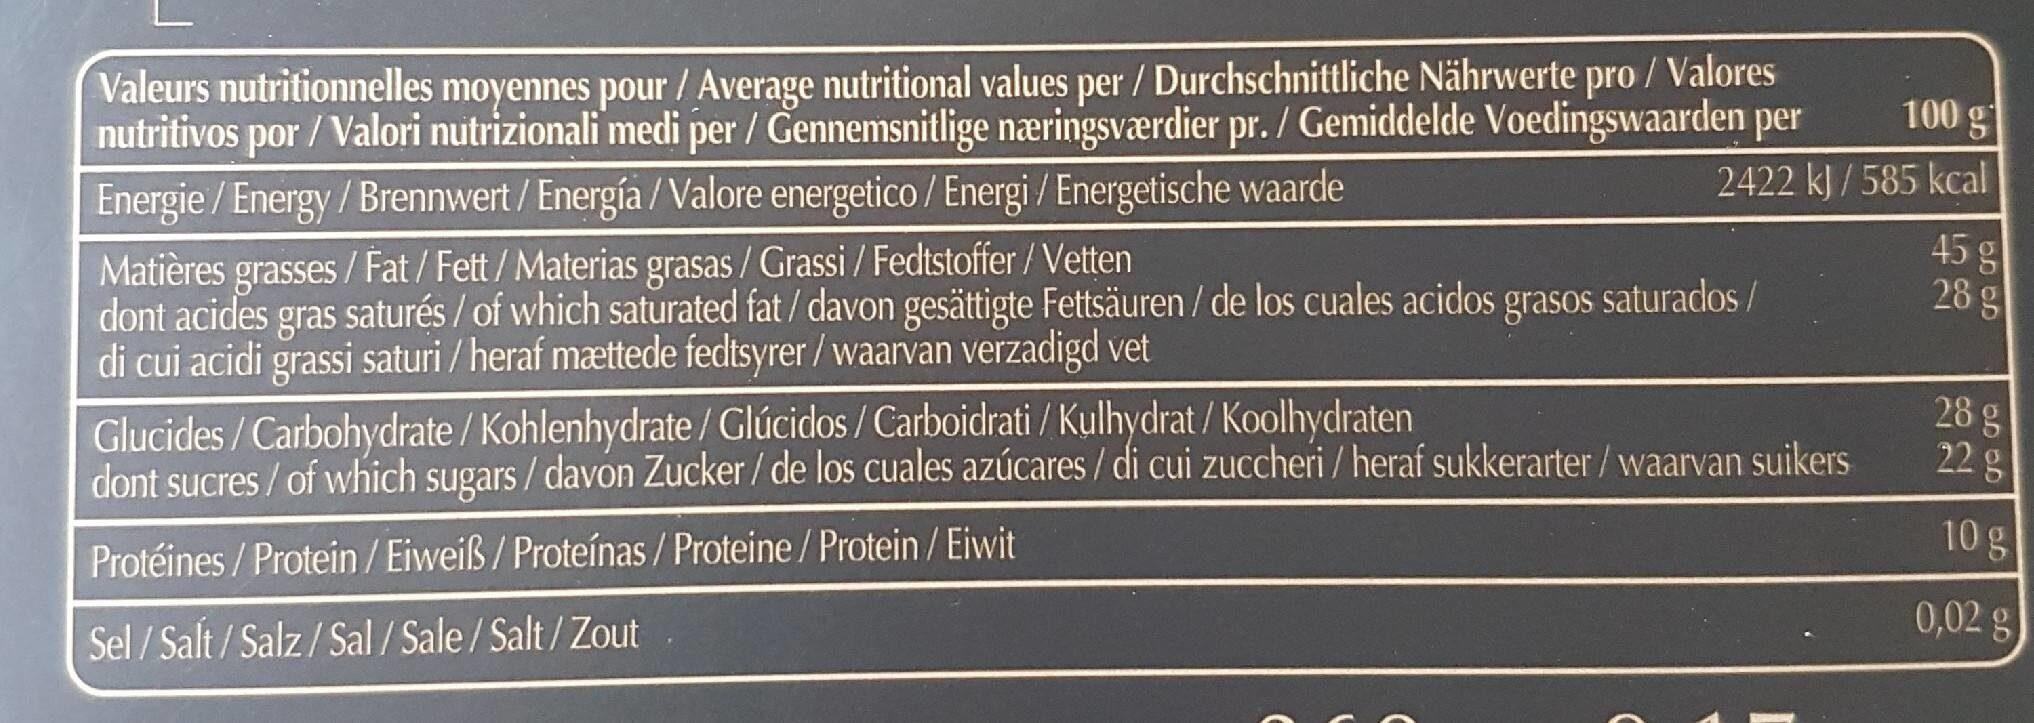 Chocolats grands crus intense - Voedingswaarden - fr